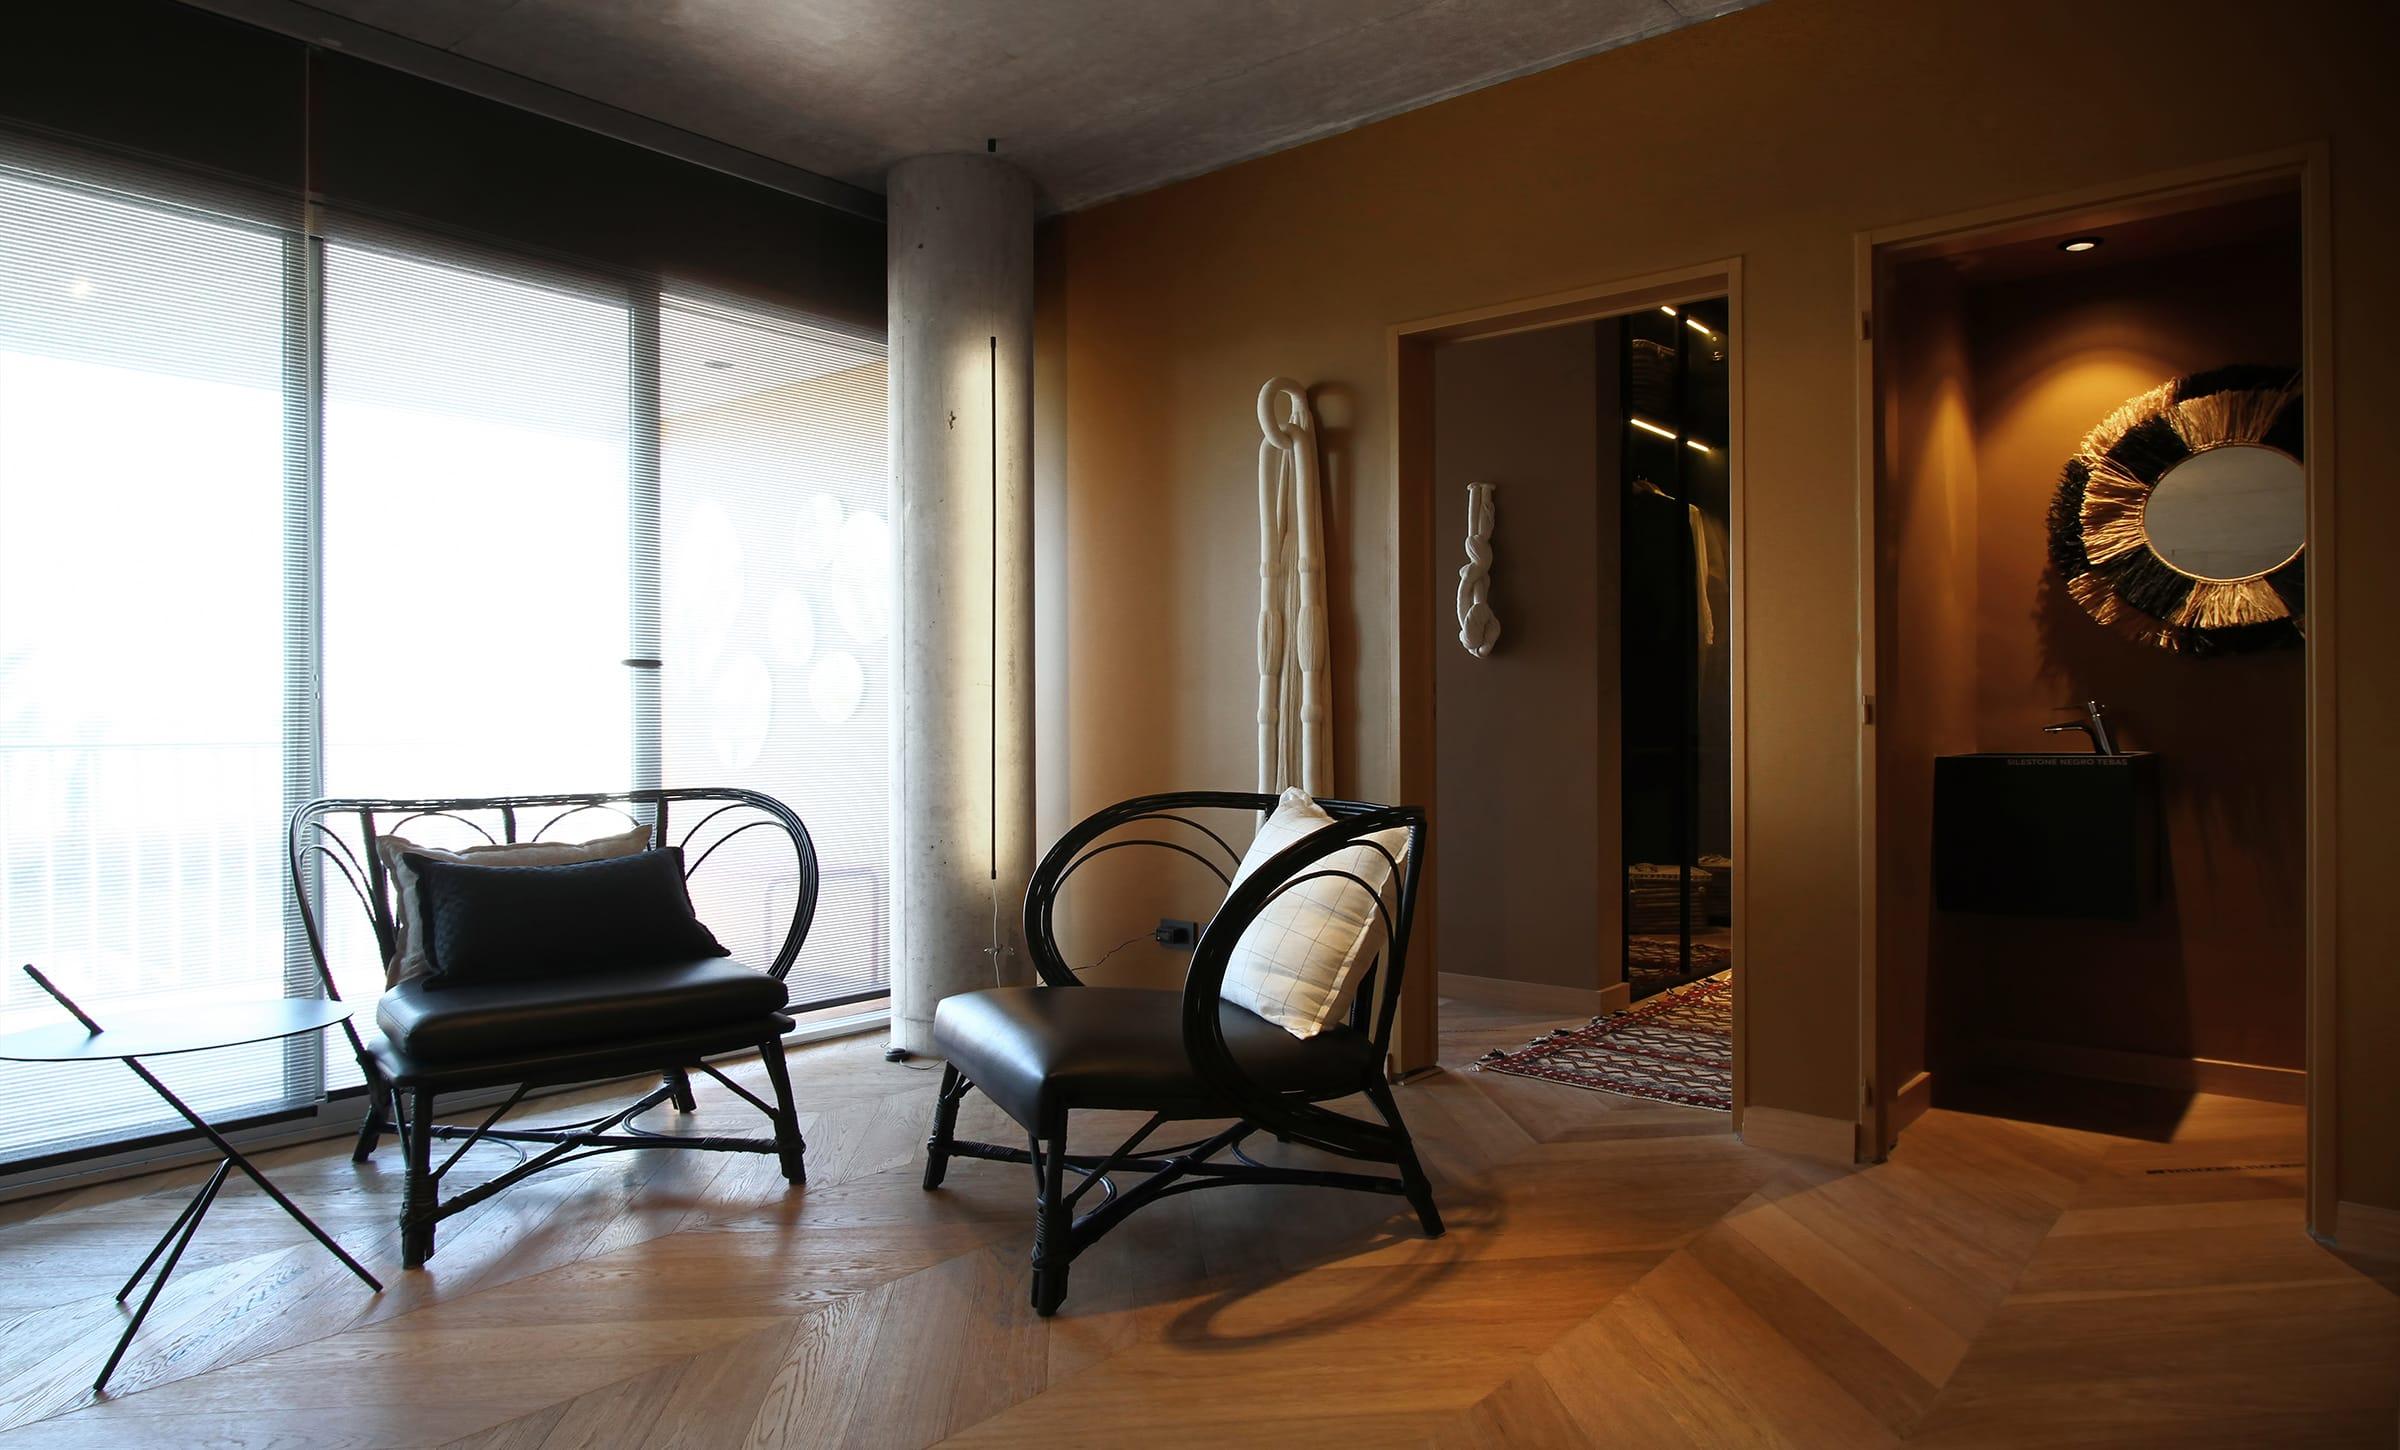 Las cortinas enrollables Tecnoroll Charm Grey (Rielamericano) tamizan la luz que ingresa por el amplio ventanal del estar.